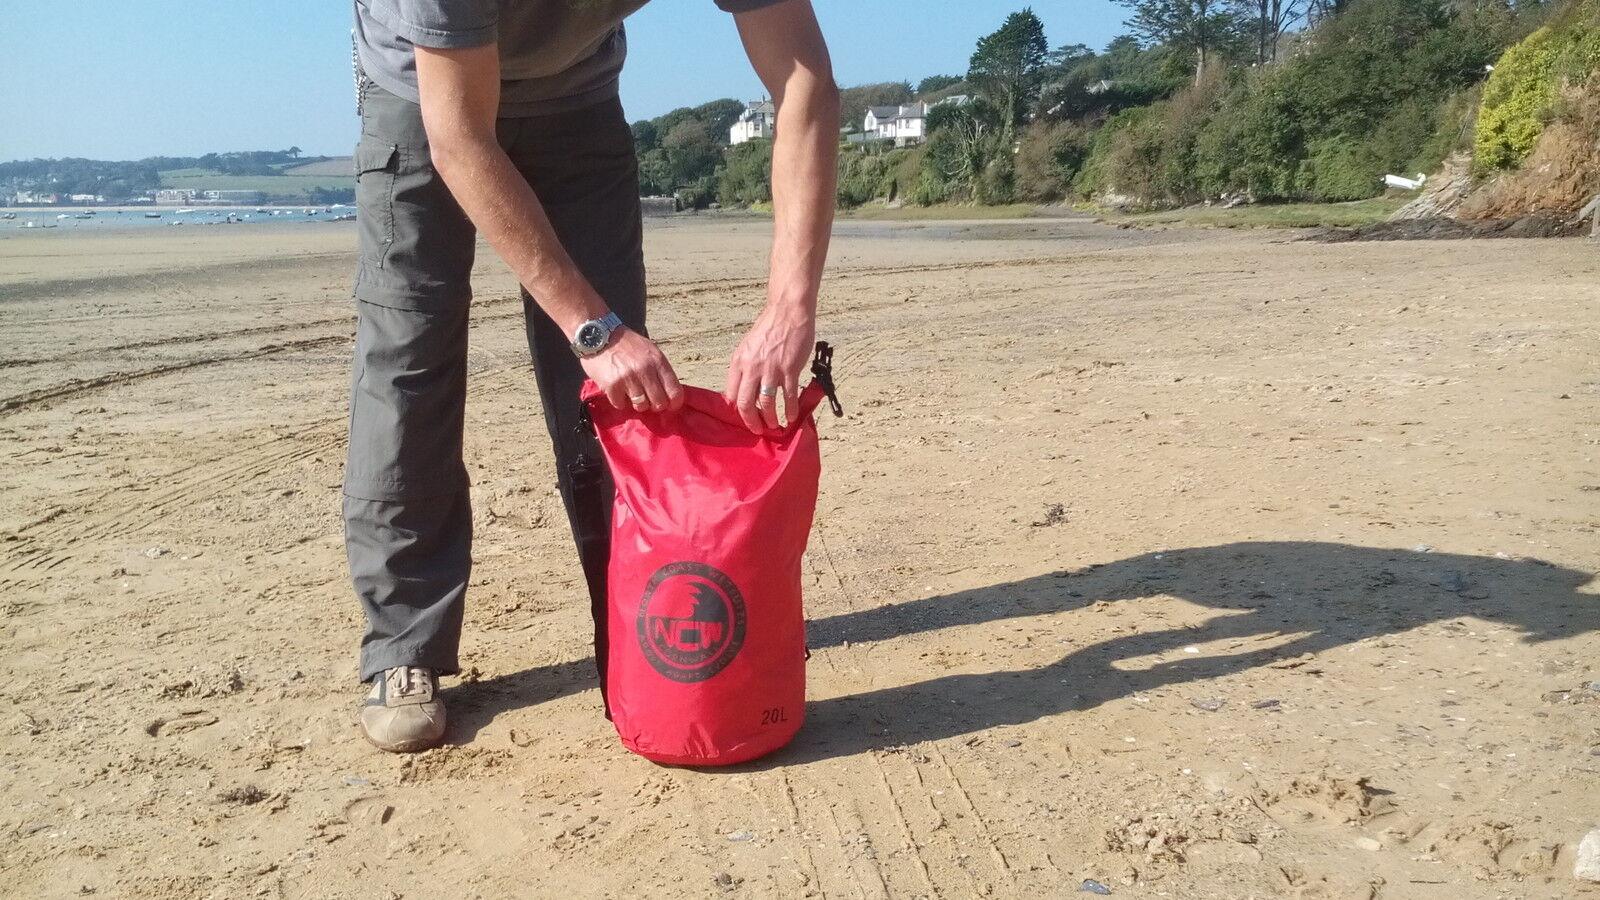 20L poids Drybag poids 20L léger imperméable HD bandoulière en nylon. Transporter. beaucoup de kit 44e41a